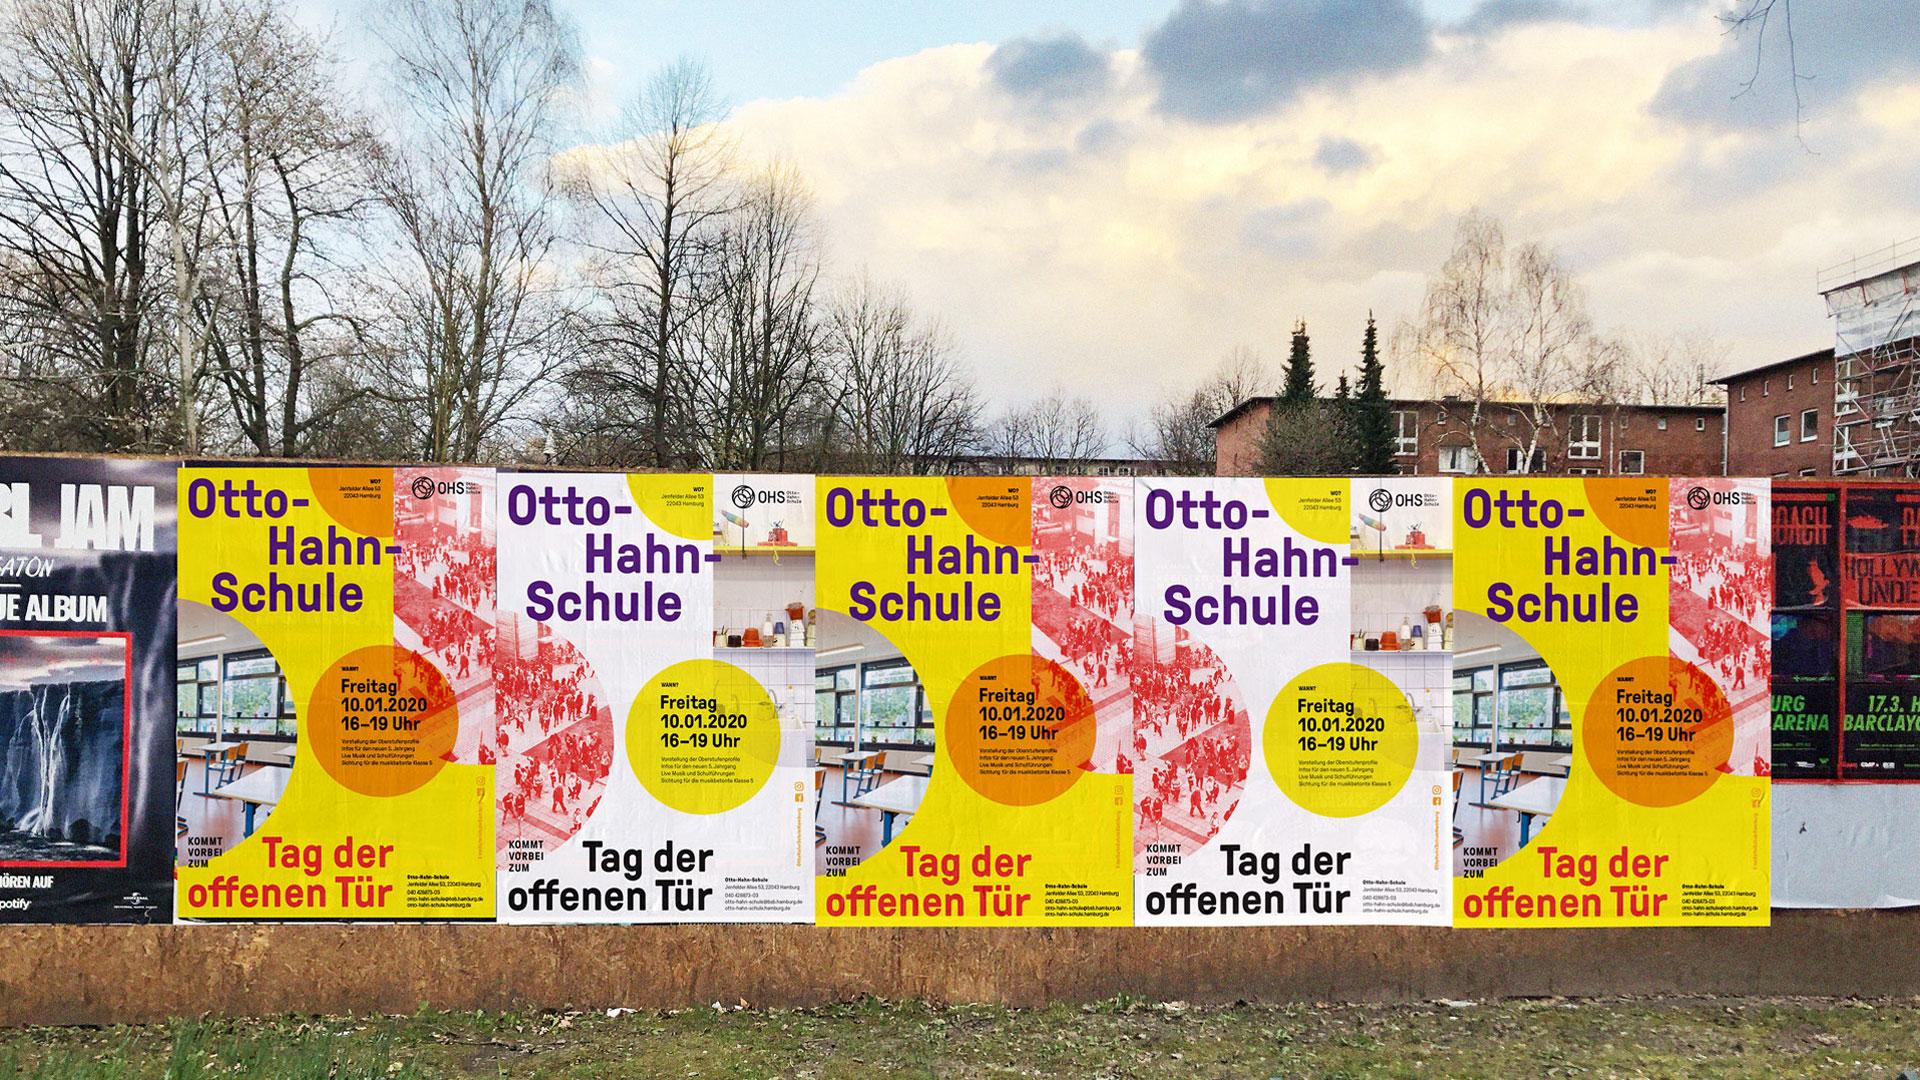 Otto-Hahn-Schule Tag der offenen Tür Plakat